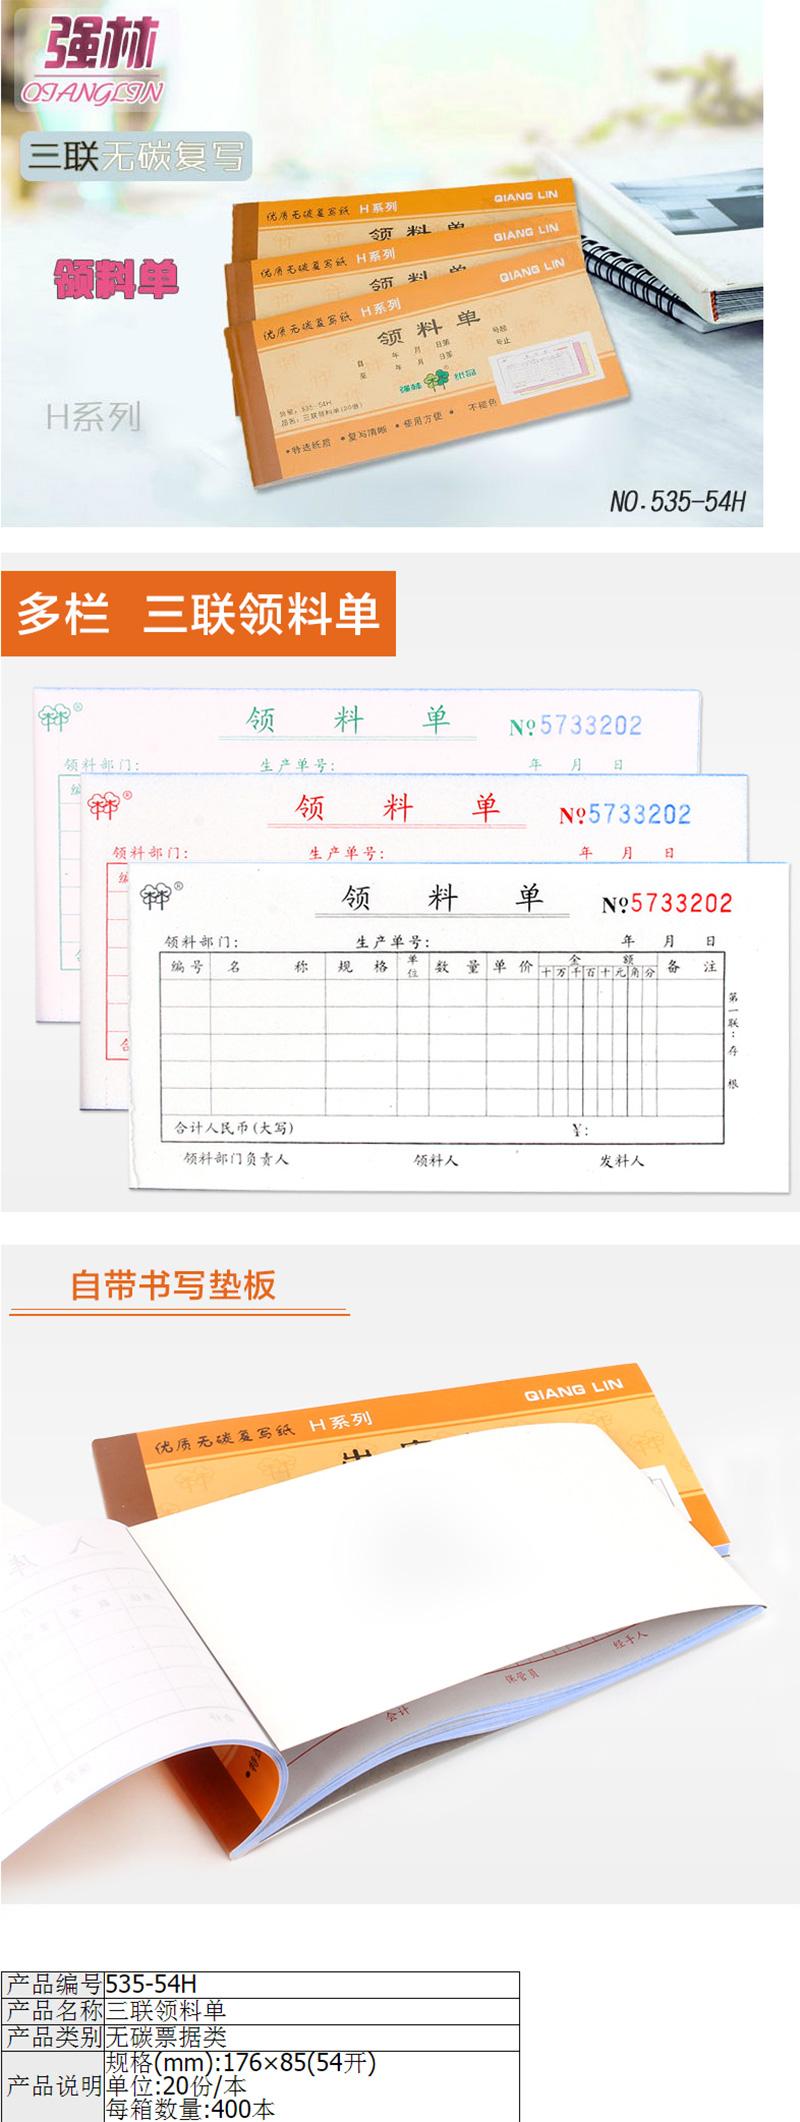 强林535-54H三联领料单无碳复写财务票据联单办公用品